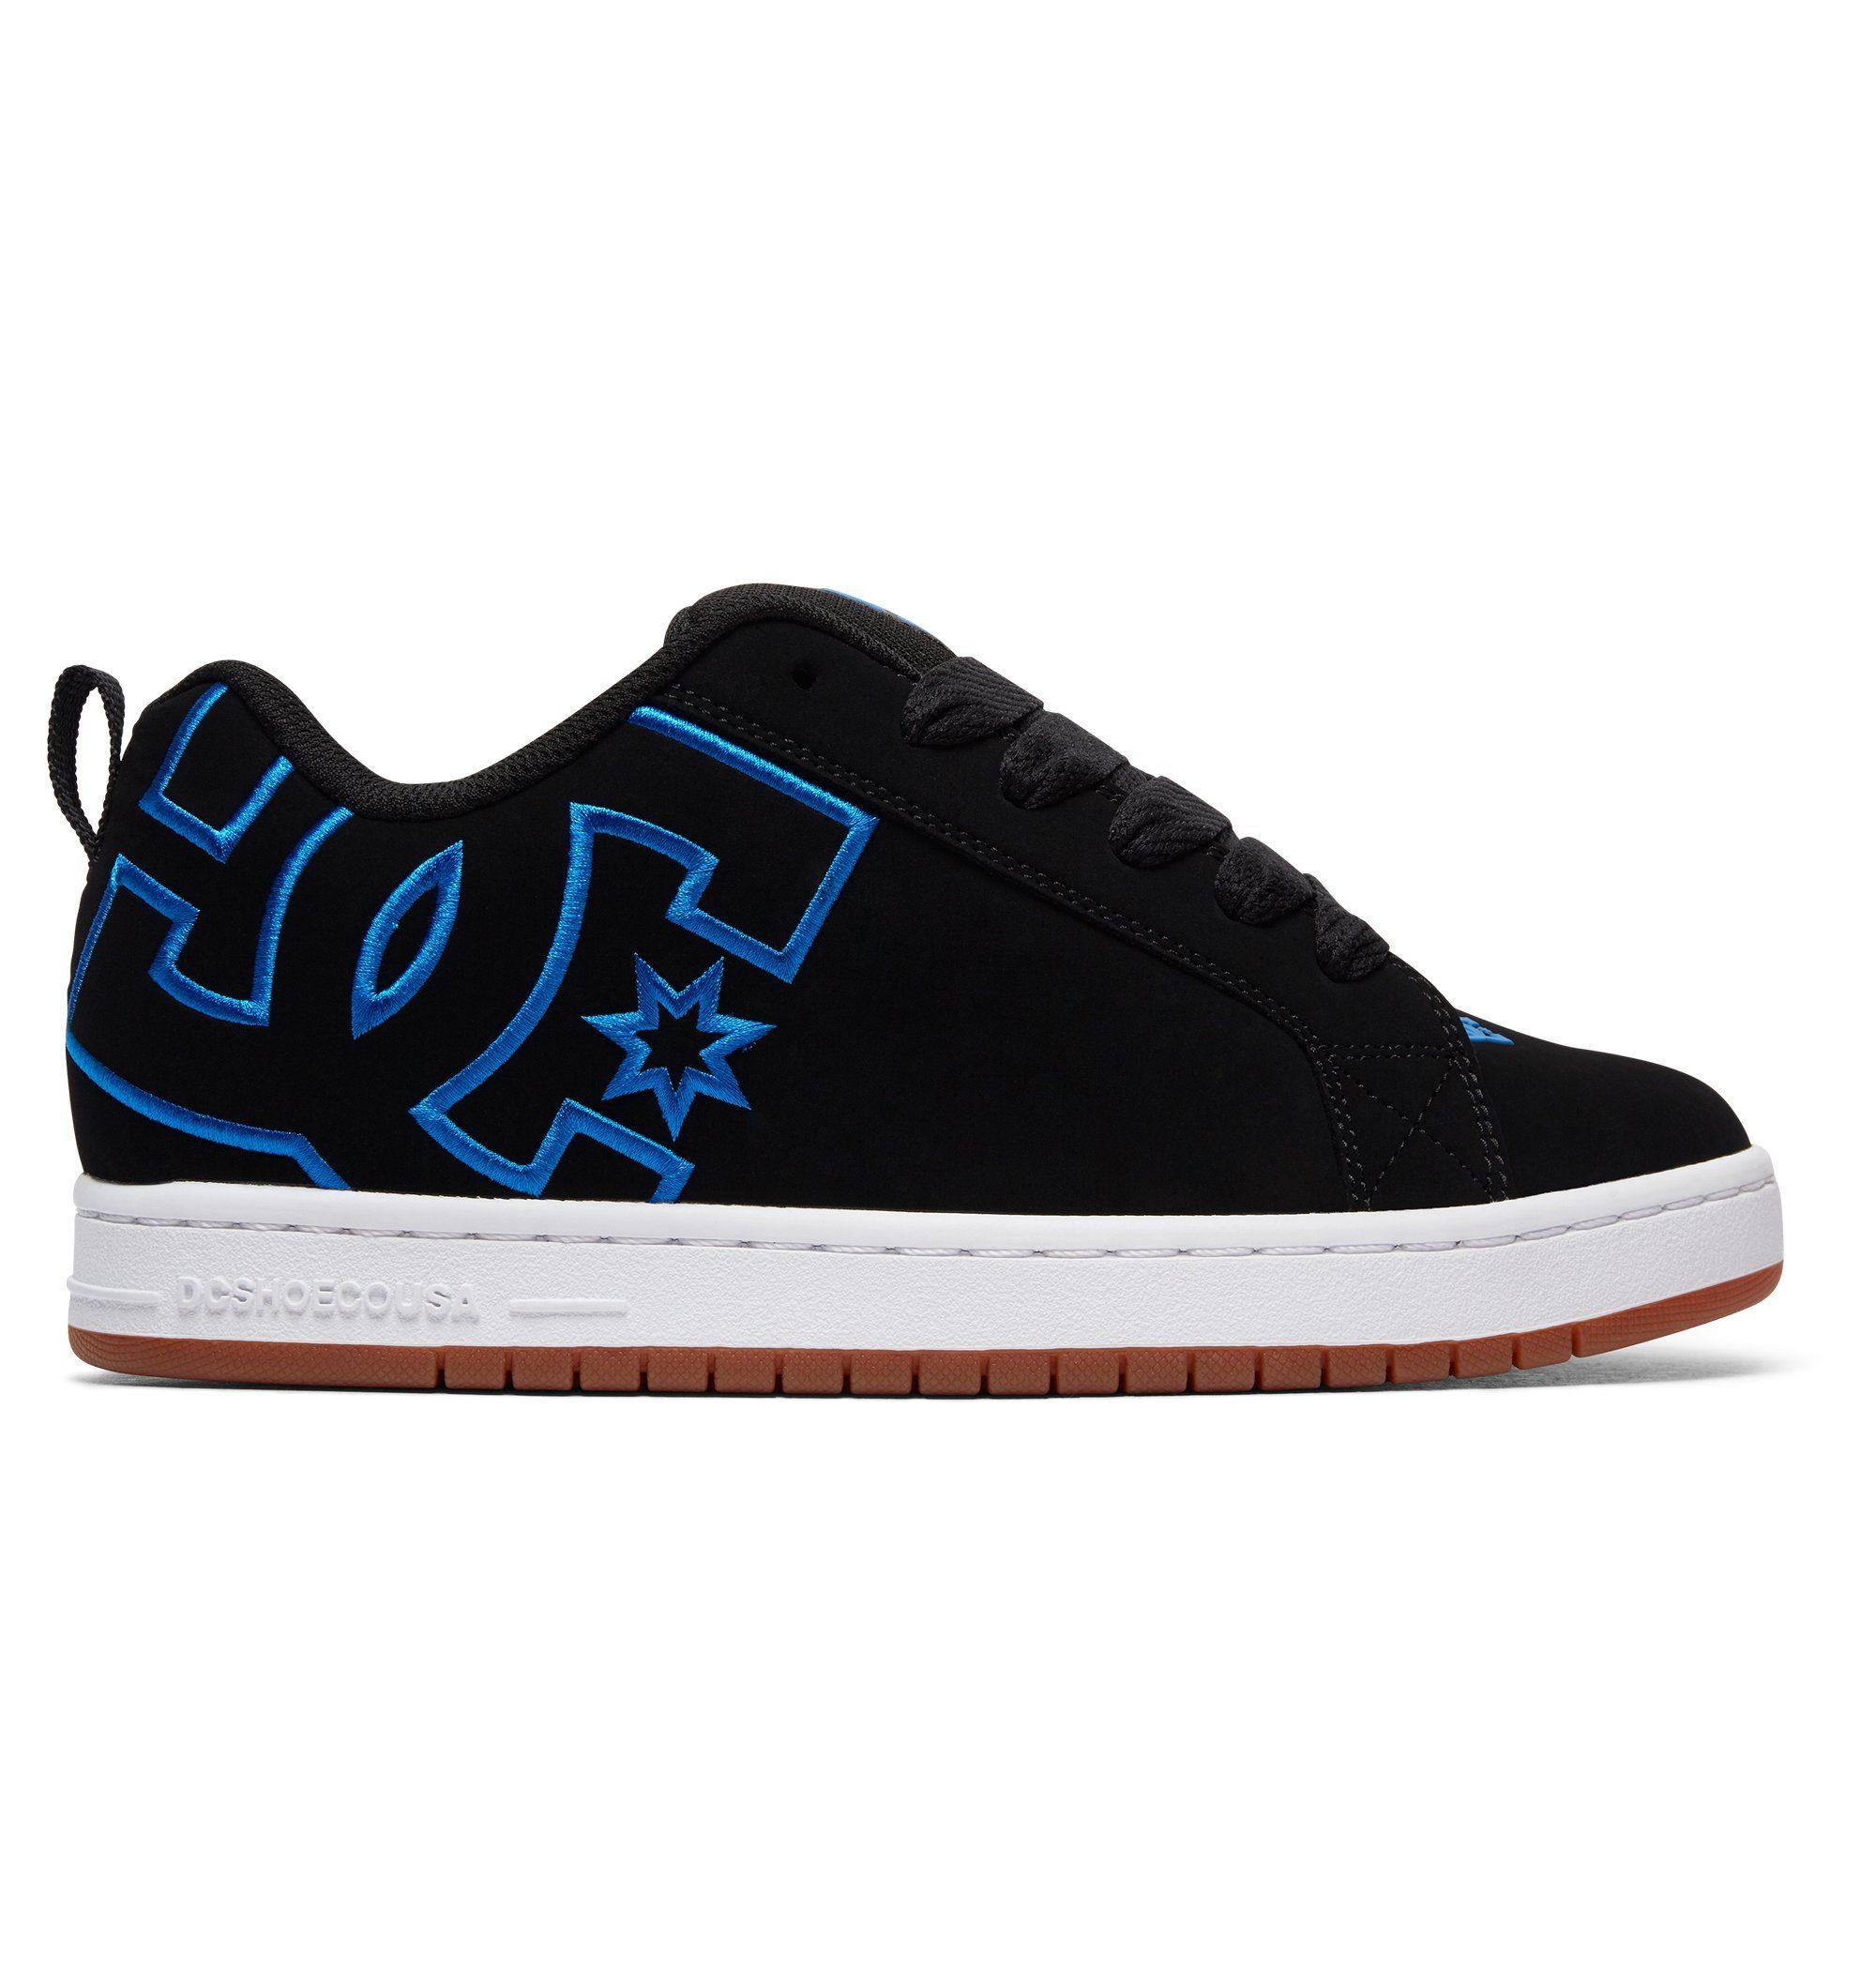 DC Shoes Schuhe Court Graffik online kaufen  Black#ft5_slash#black#ft5_slash#blue